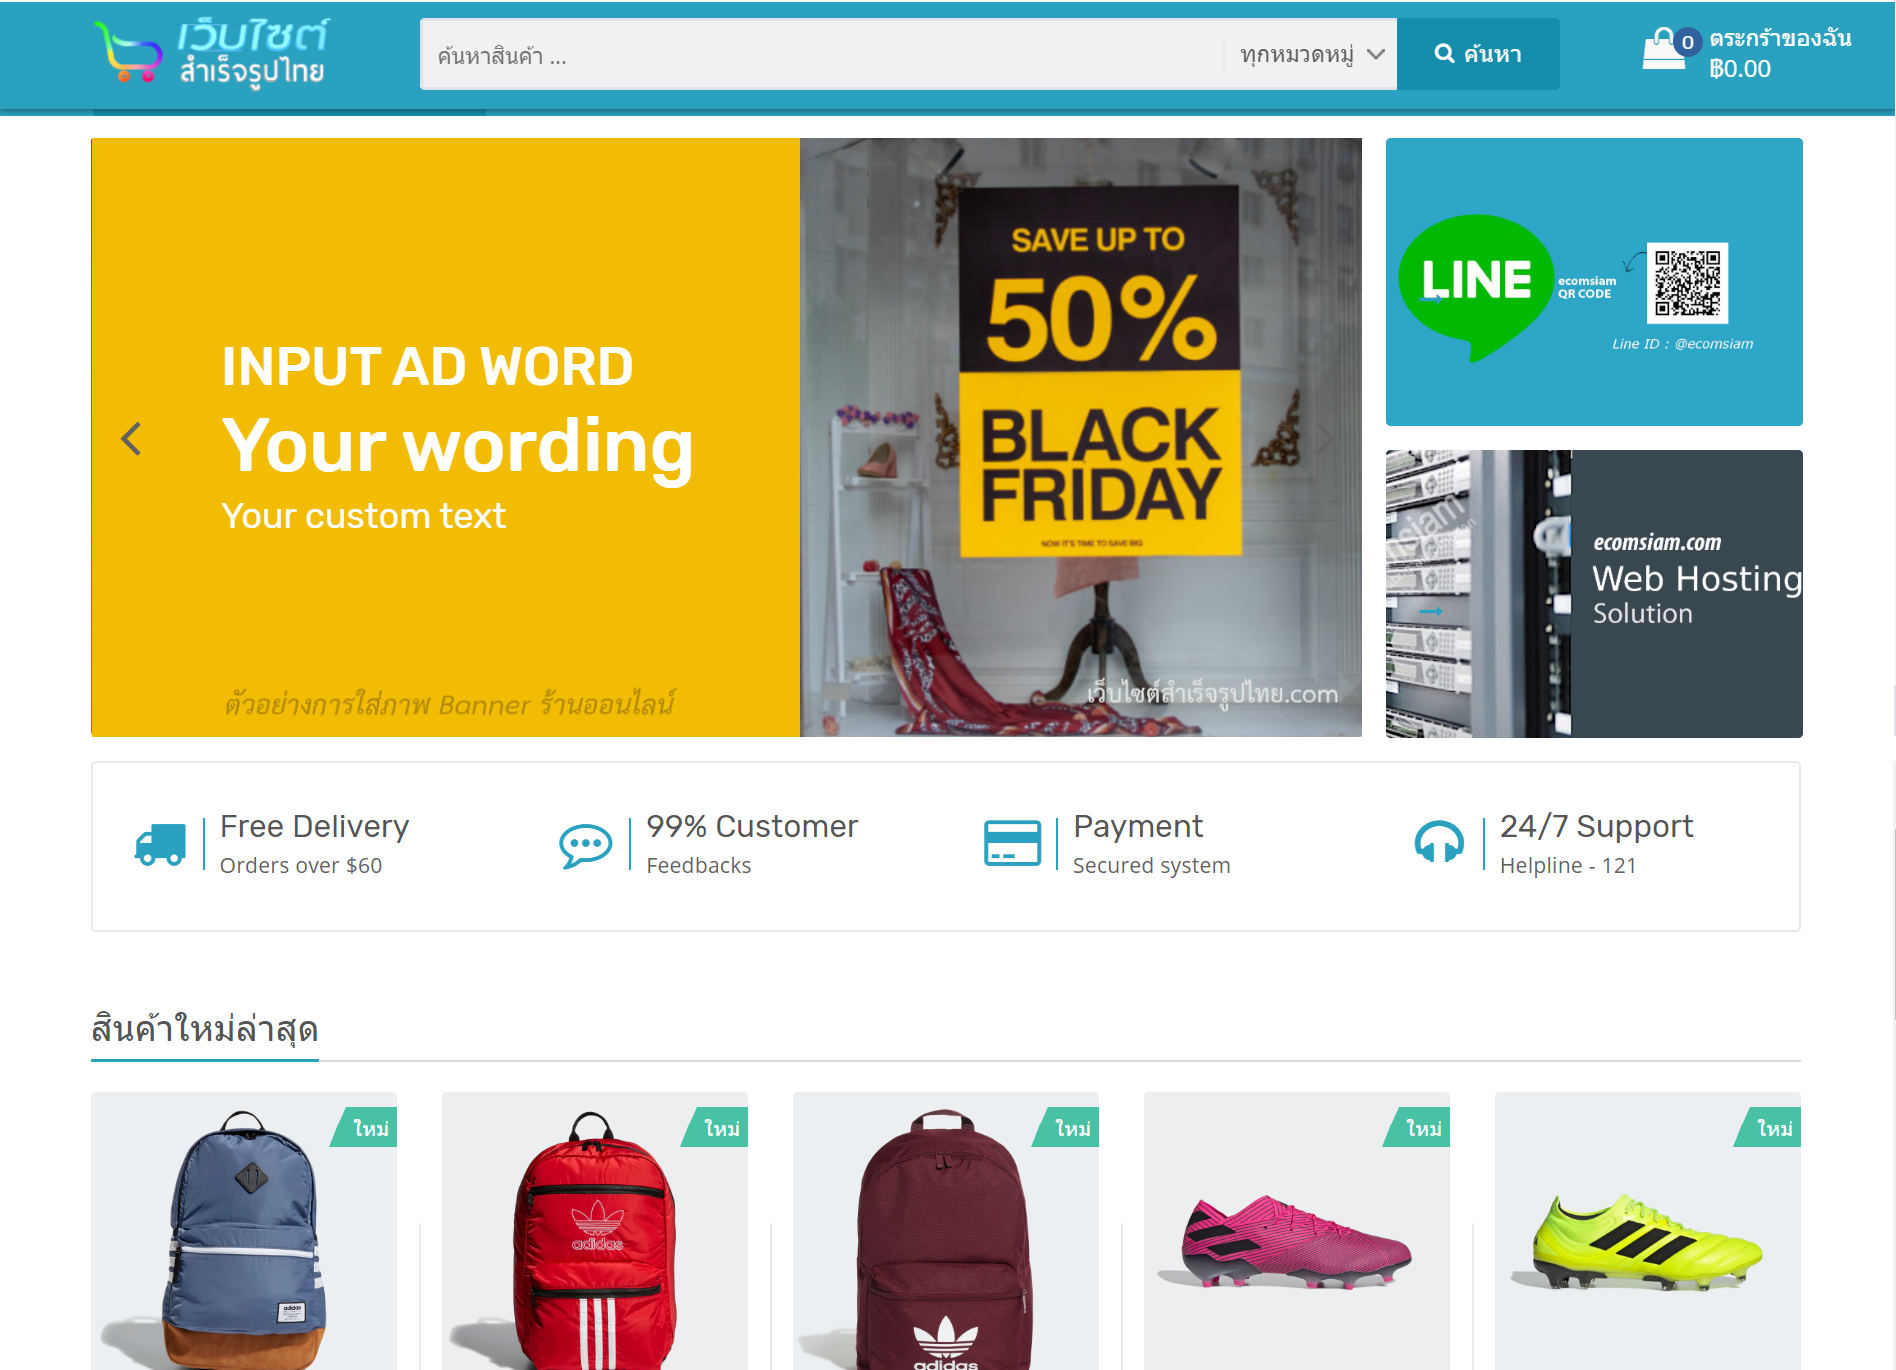 ฟีเจอร์ ecommerce ร้านออนไลน์ ขายของออนไลน์ - ใส่ภาพสไลด์และแบนเนอร์ บนหน้าร้านออนไลน์- เปิดร้านออนไลน์ ขายของออนไลน์ เว็บอีคอมเมอร์ส ด้วยเว็บไซต์สำเร็จรูป Ninenic ecommerce